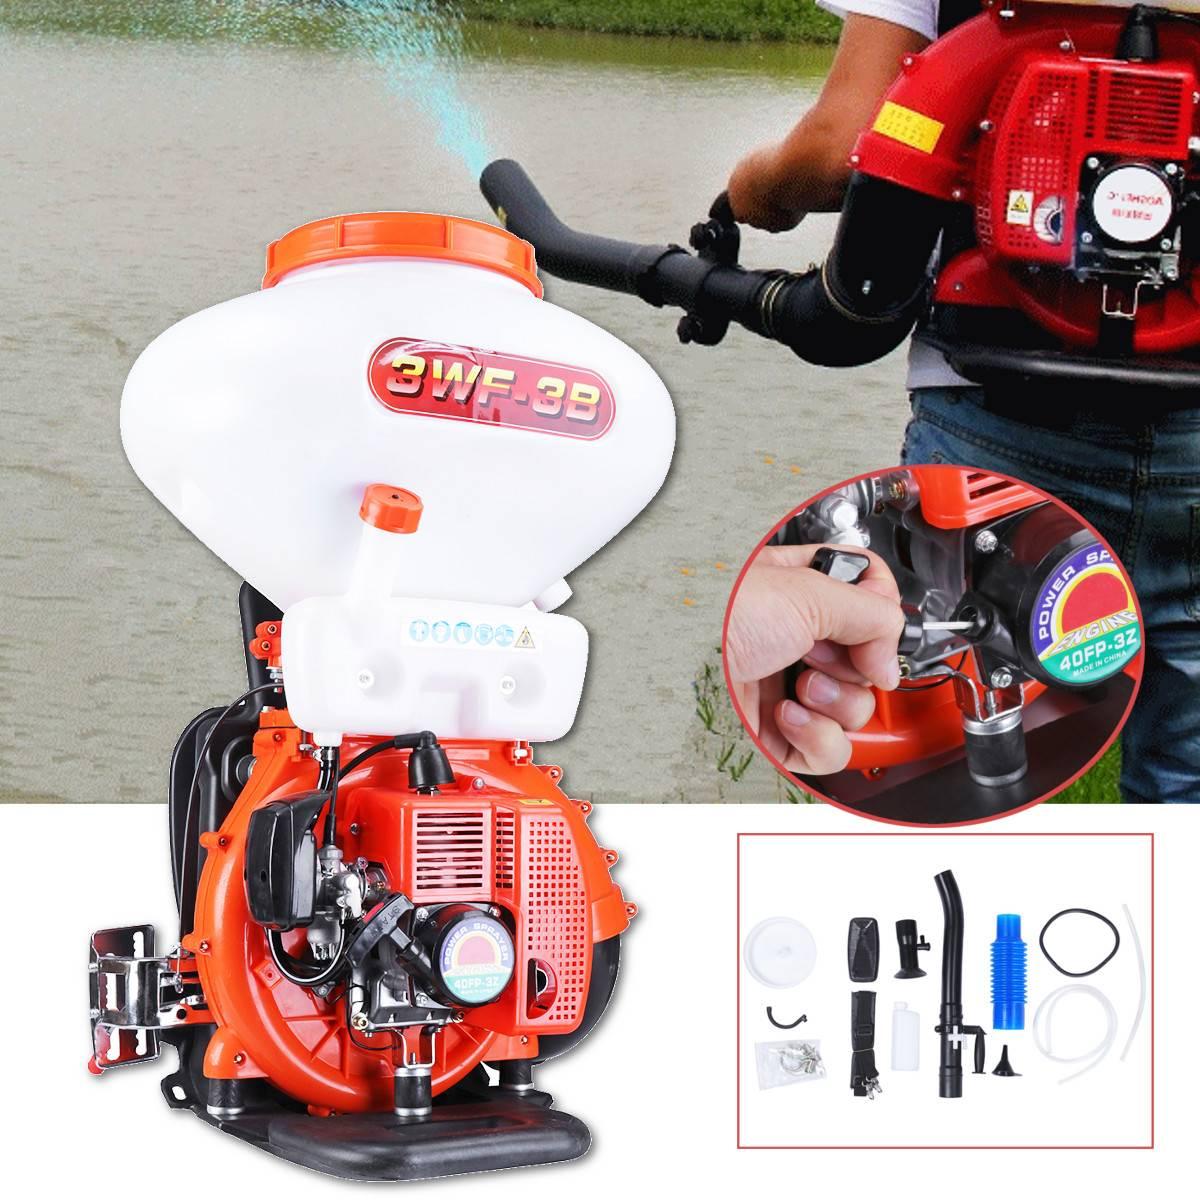 41.5cc 26L сельскохозяйственный распылитель пыли Мощность бензина ed 3WF 3B рюкзак воздуходувка Fogger садовые инструменты борьба с вредителями